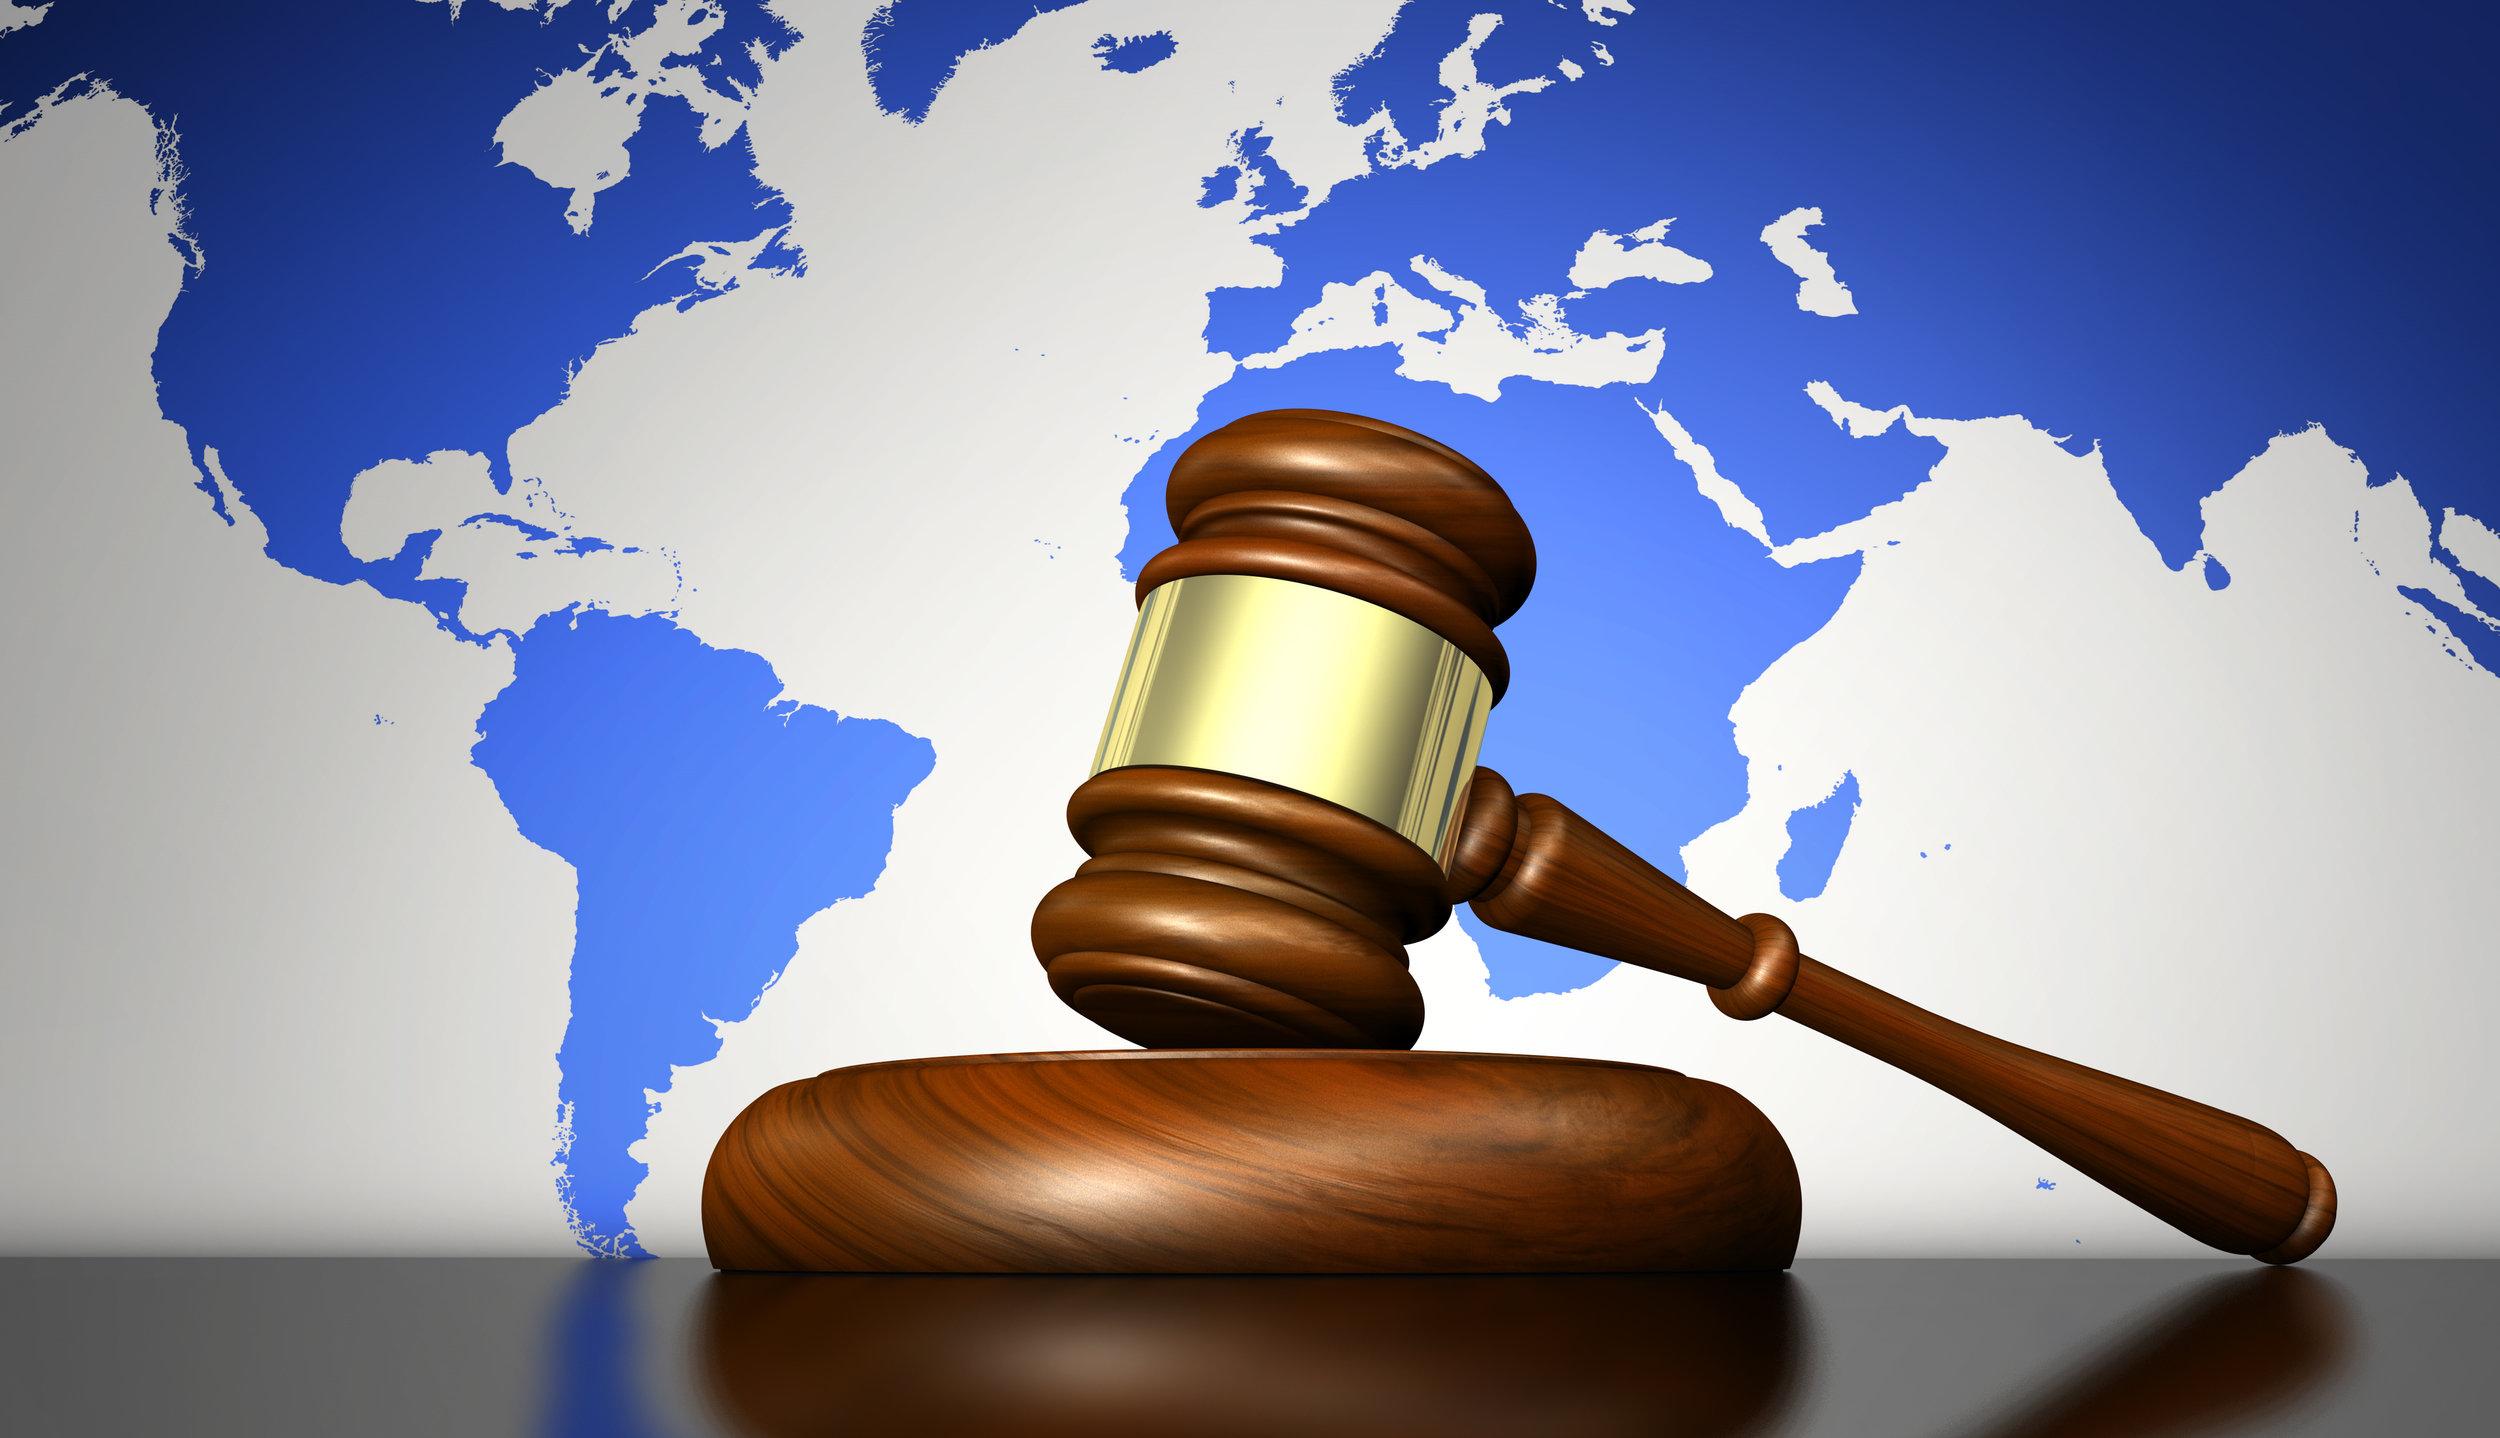 Droit International - Votre newtech ne répond d'aucune norme ?Votre premier marché est complexe ?Votre projet est sans frontière ?Notre réseau d'avocats vous conseillera sur la stratégie long terme à adopter à l'international et vous accompagnera dans le positionnement légal de votre produit.